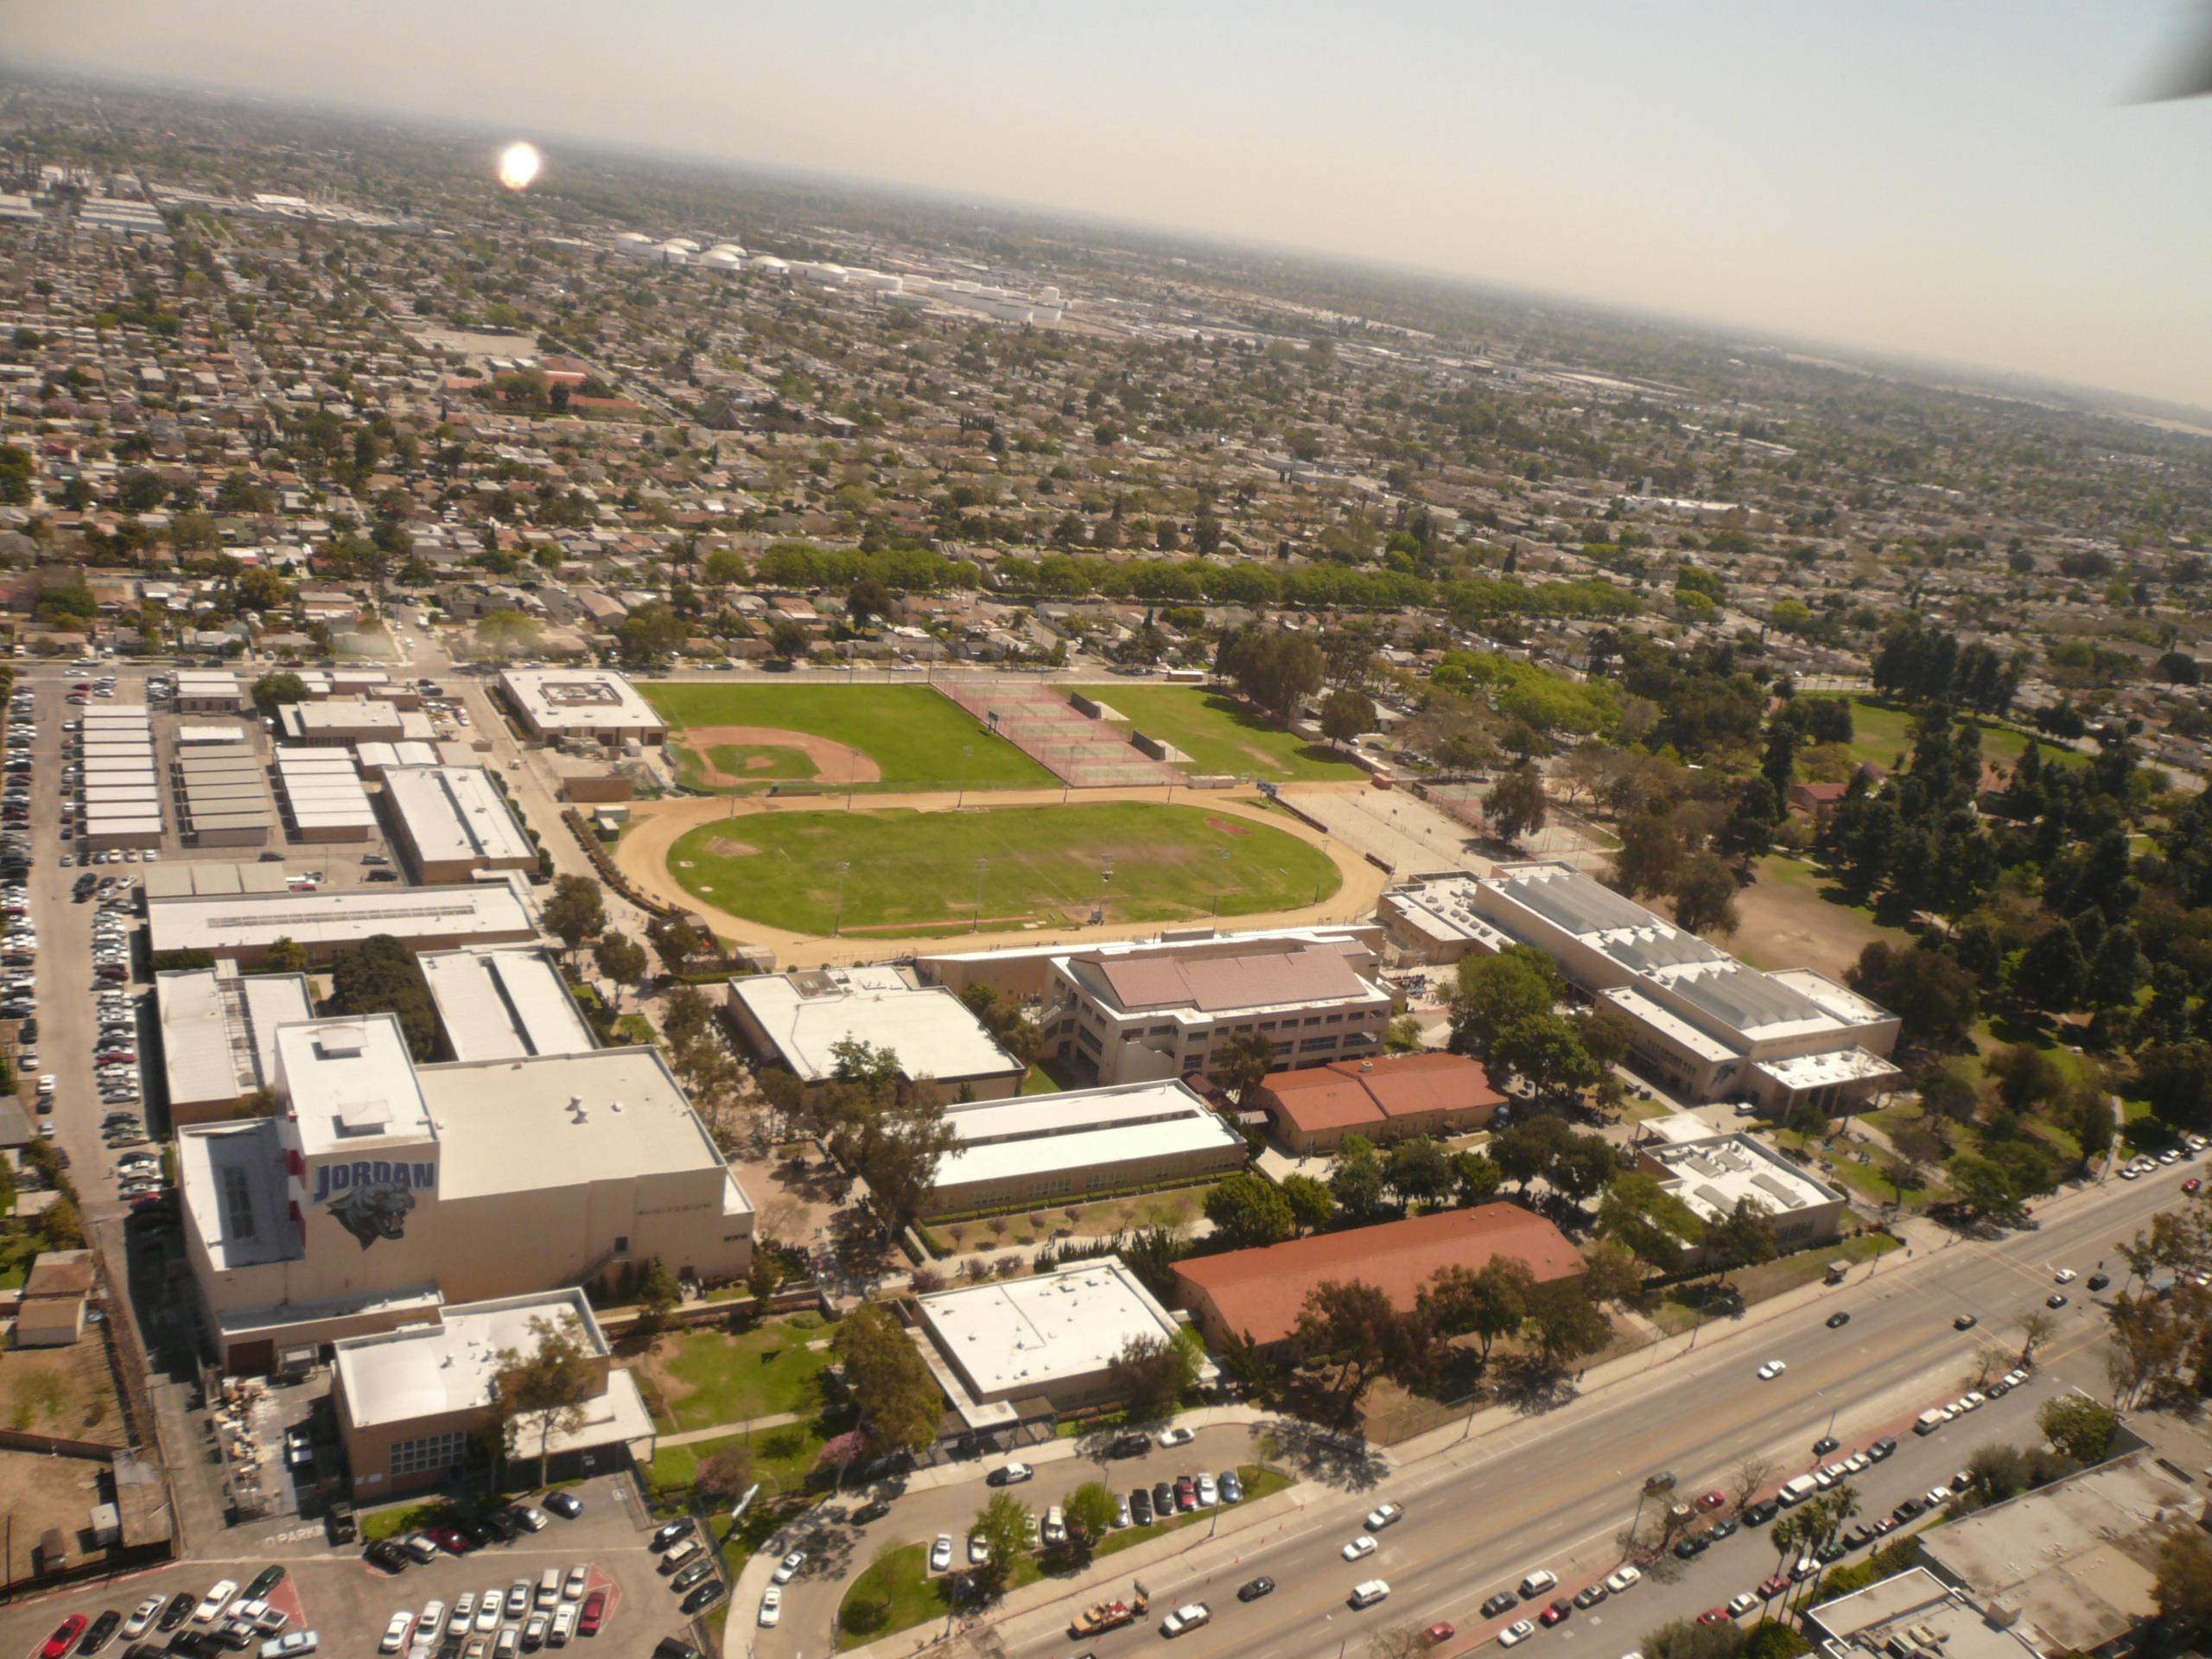 Jordan High School Long Beach California Wikipedia